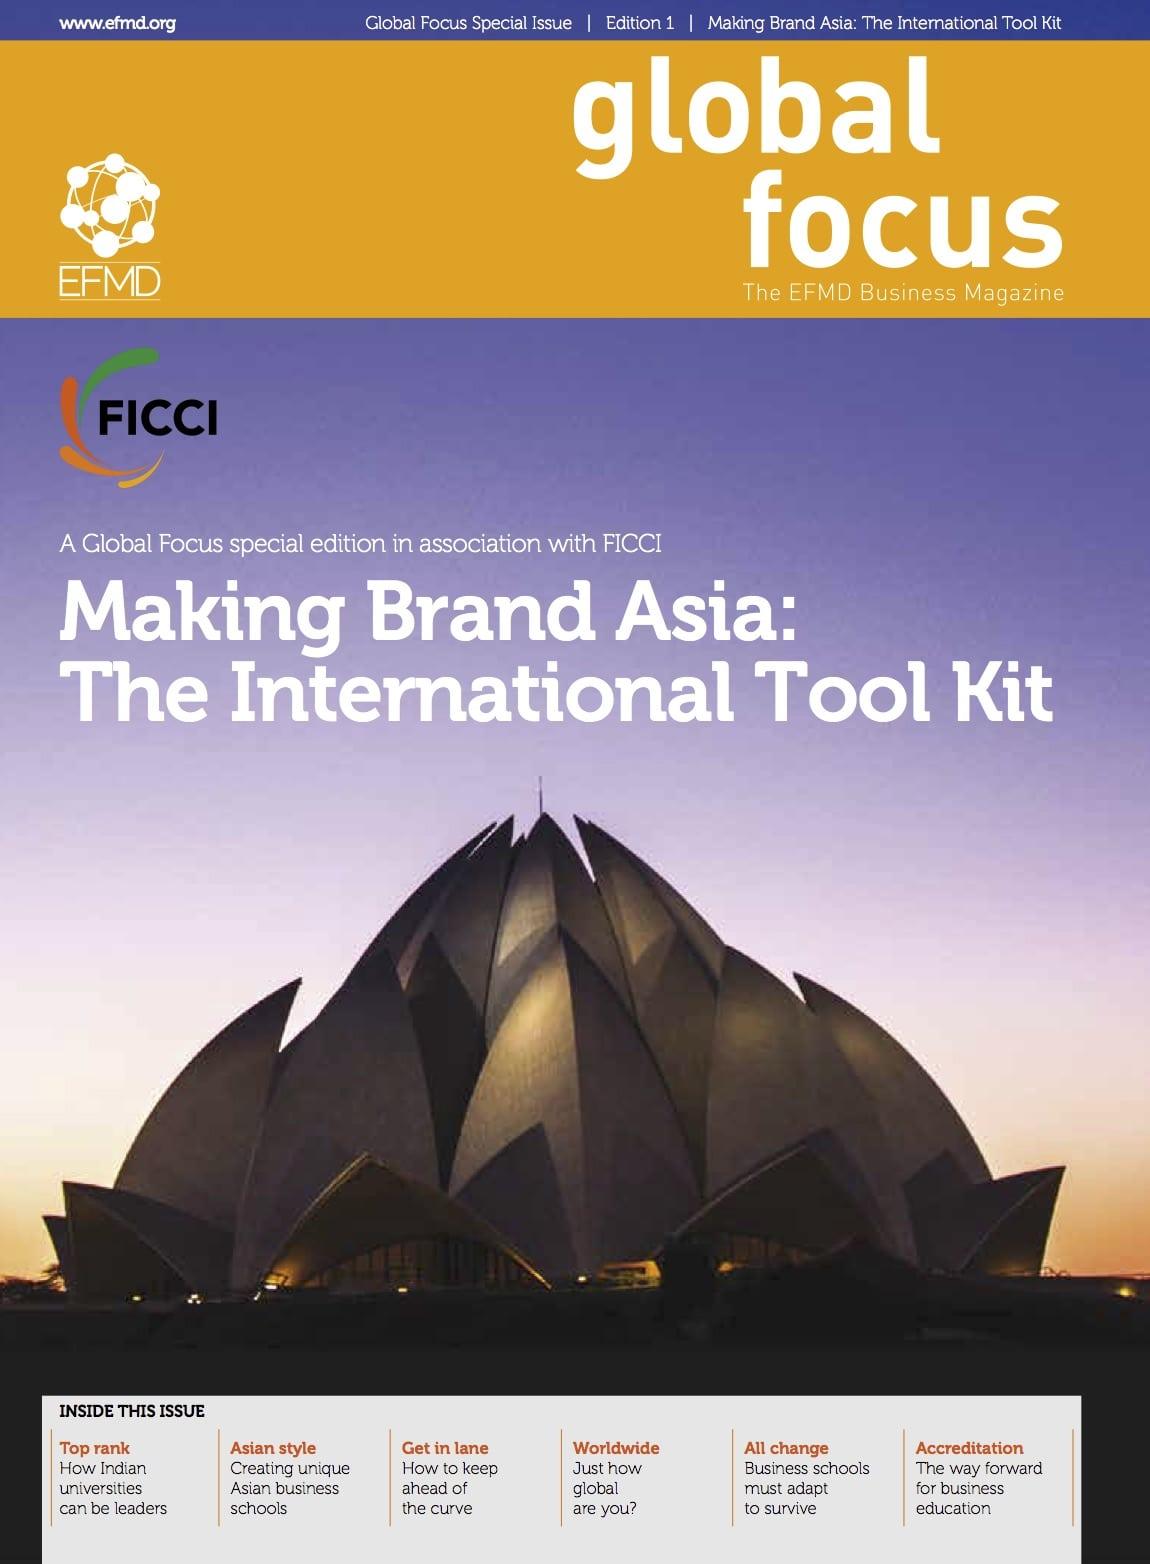 http://globalfocusmagazine.com/wp-content/uploads/2016/11/EFMD-Global-Focus_FICCI-Edition-1_ONLINE.pdf